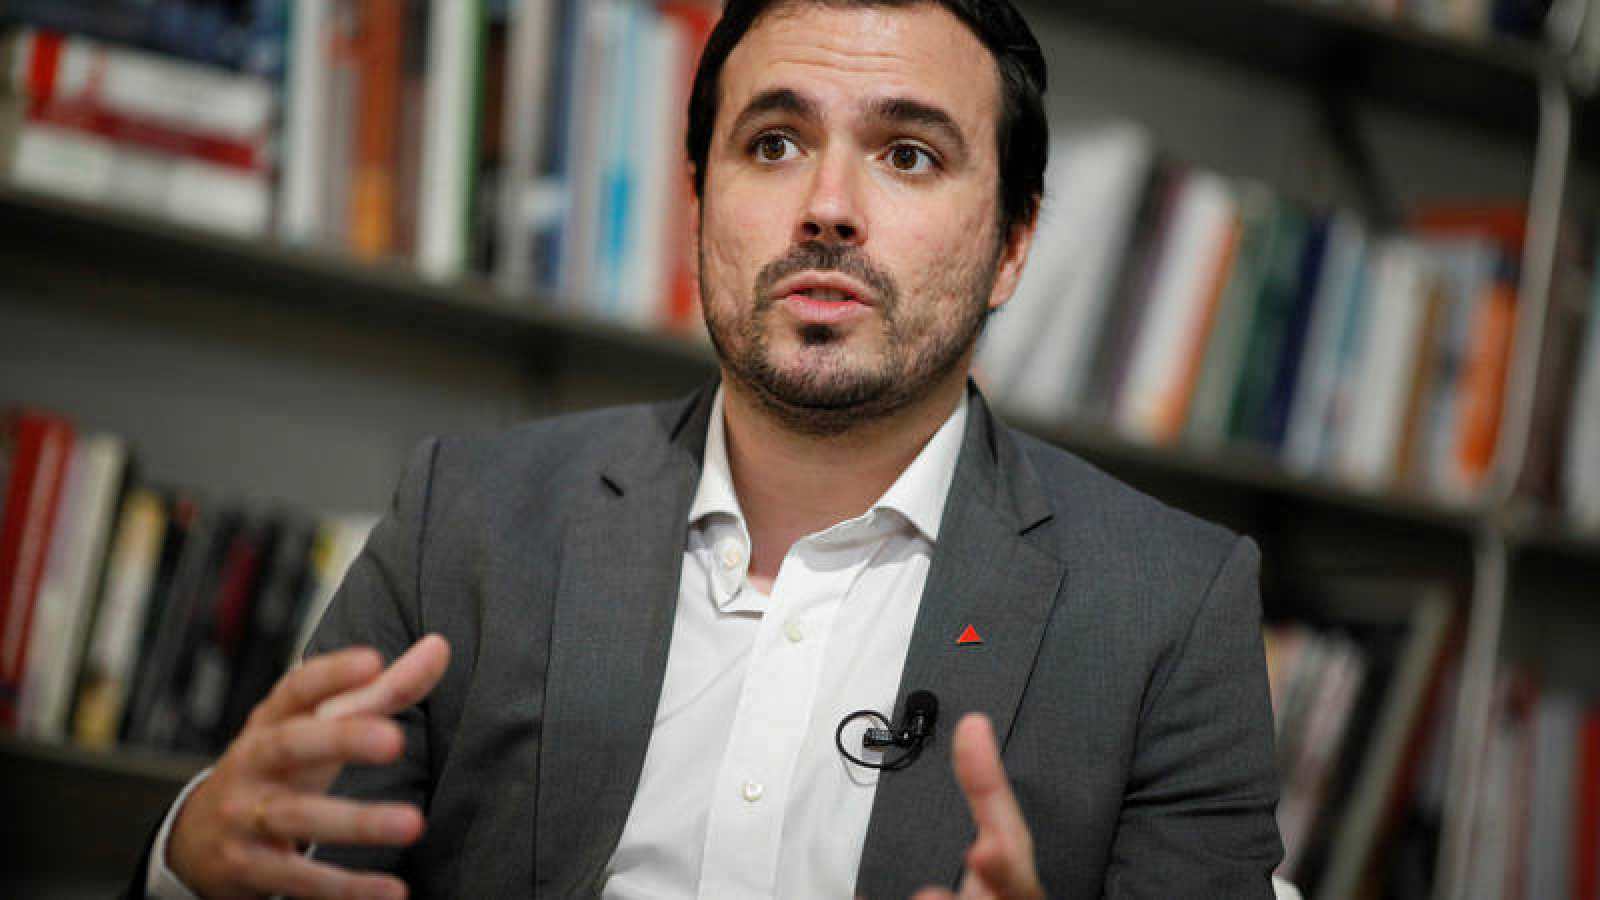 El coordinador federal de IU, Alberto Garzón, será ministro de Consumo.